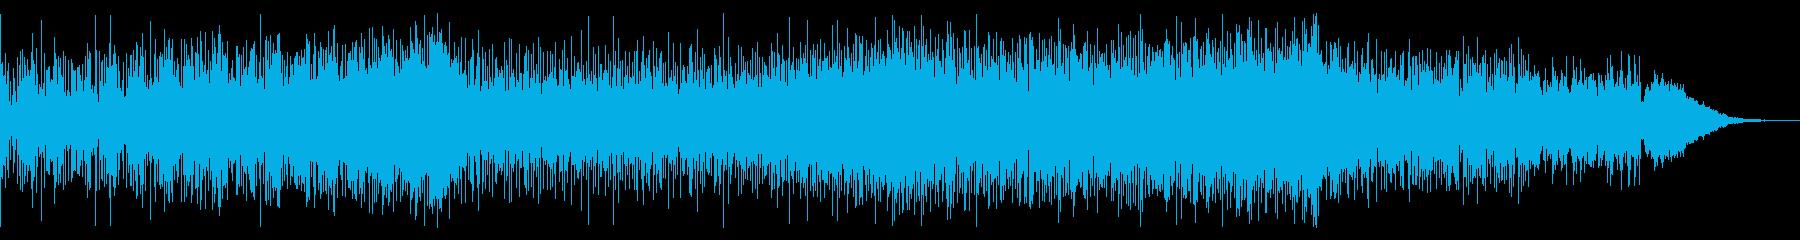 シネマティック07の再生済みの波形